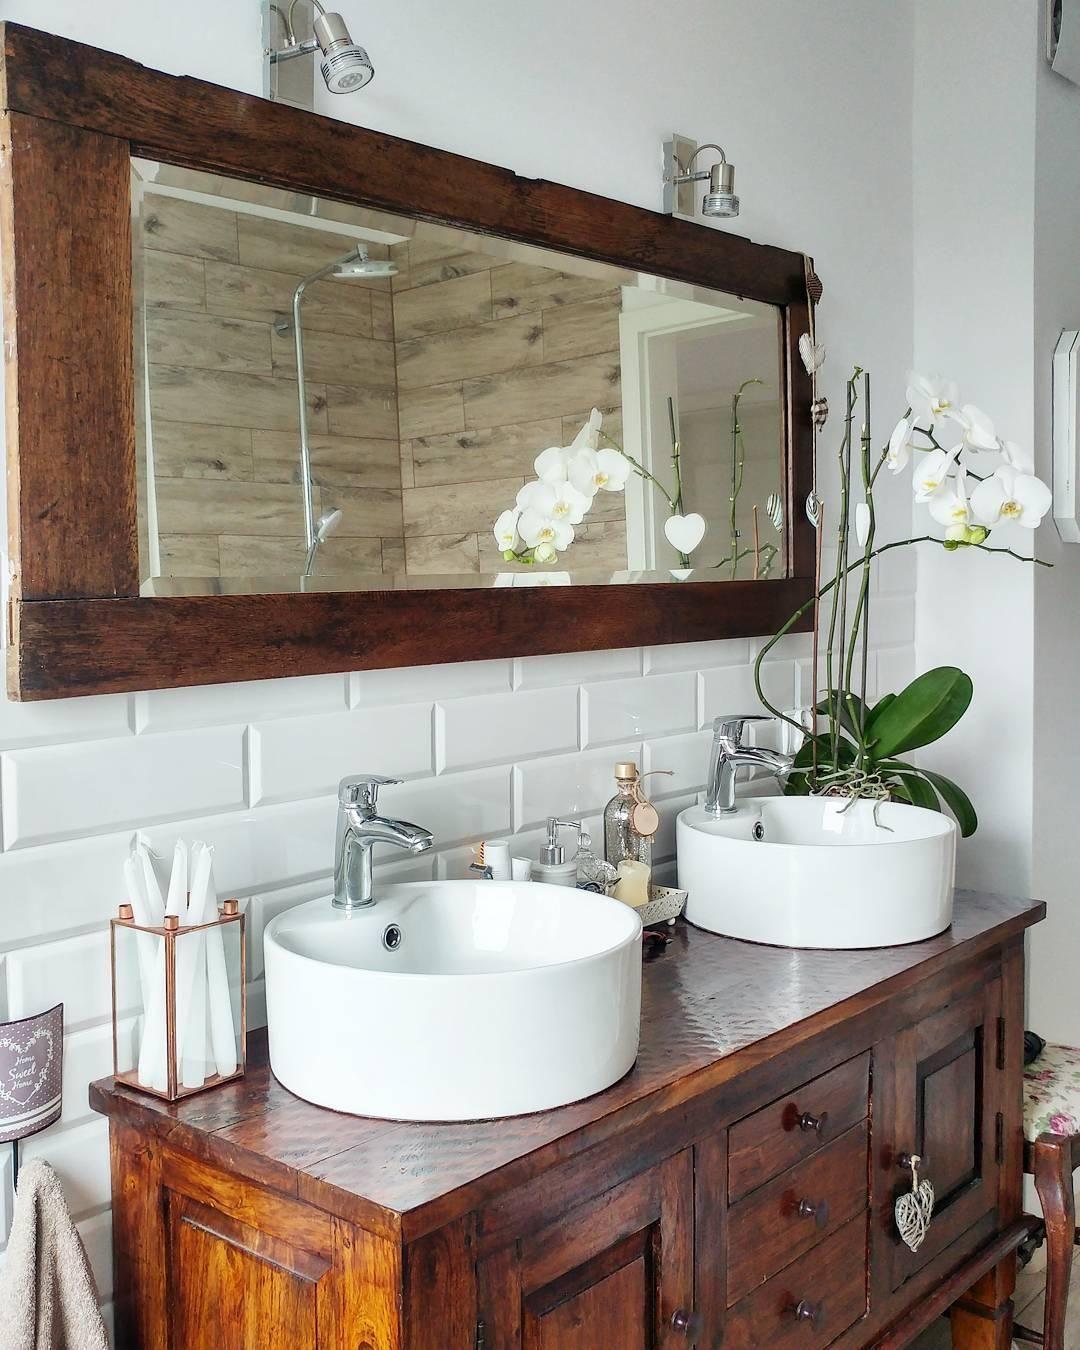 seifenspender celine badezimmer aufbewahrung badezimmer. Black Bedroom Furniture Sets. Home Design Ideas